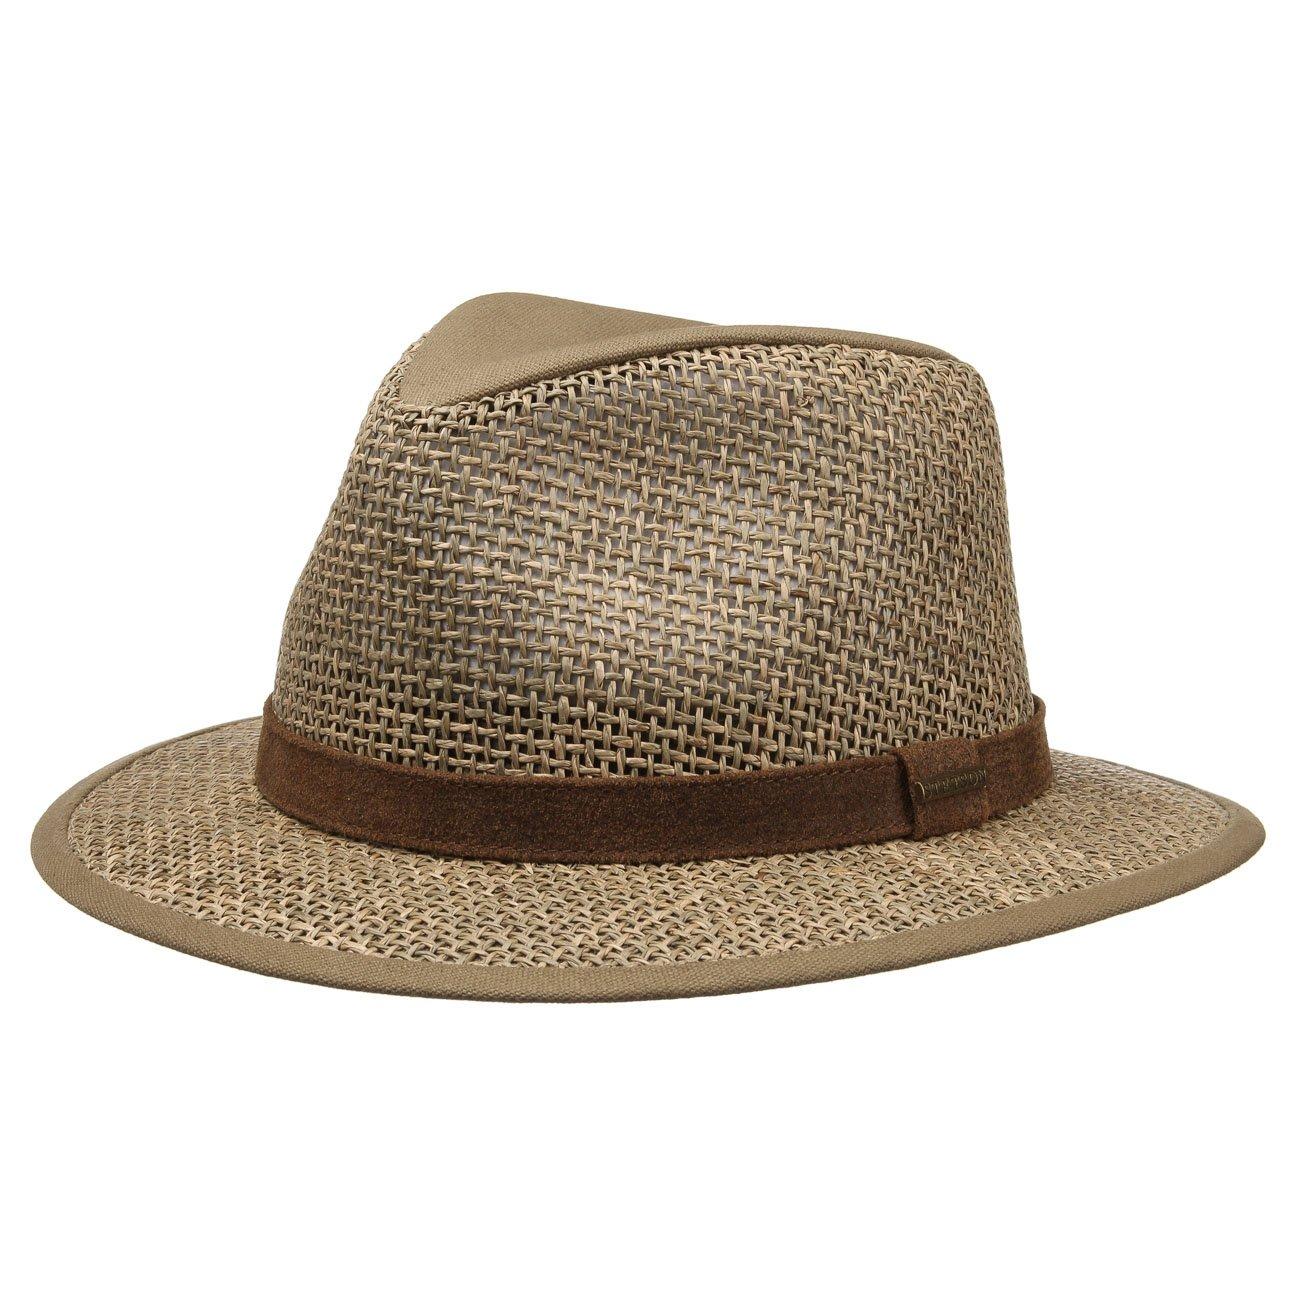 Stetson Medfield Seagrass Cappello uomo di paglia sole